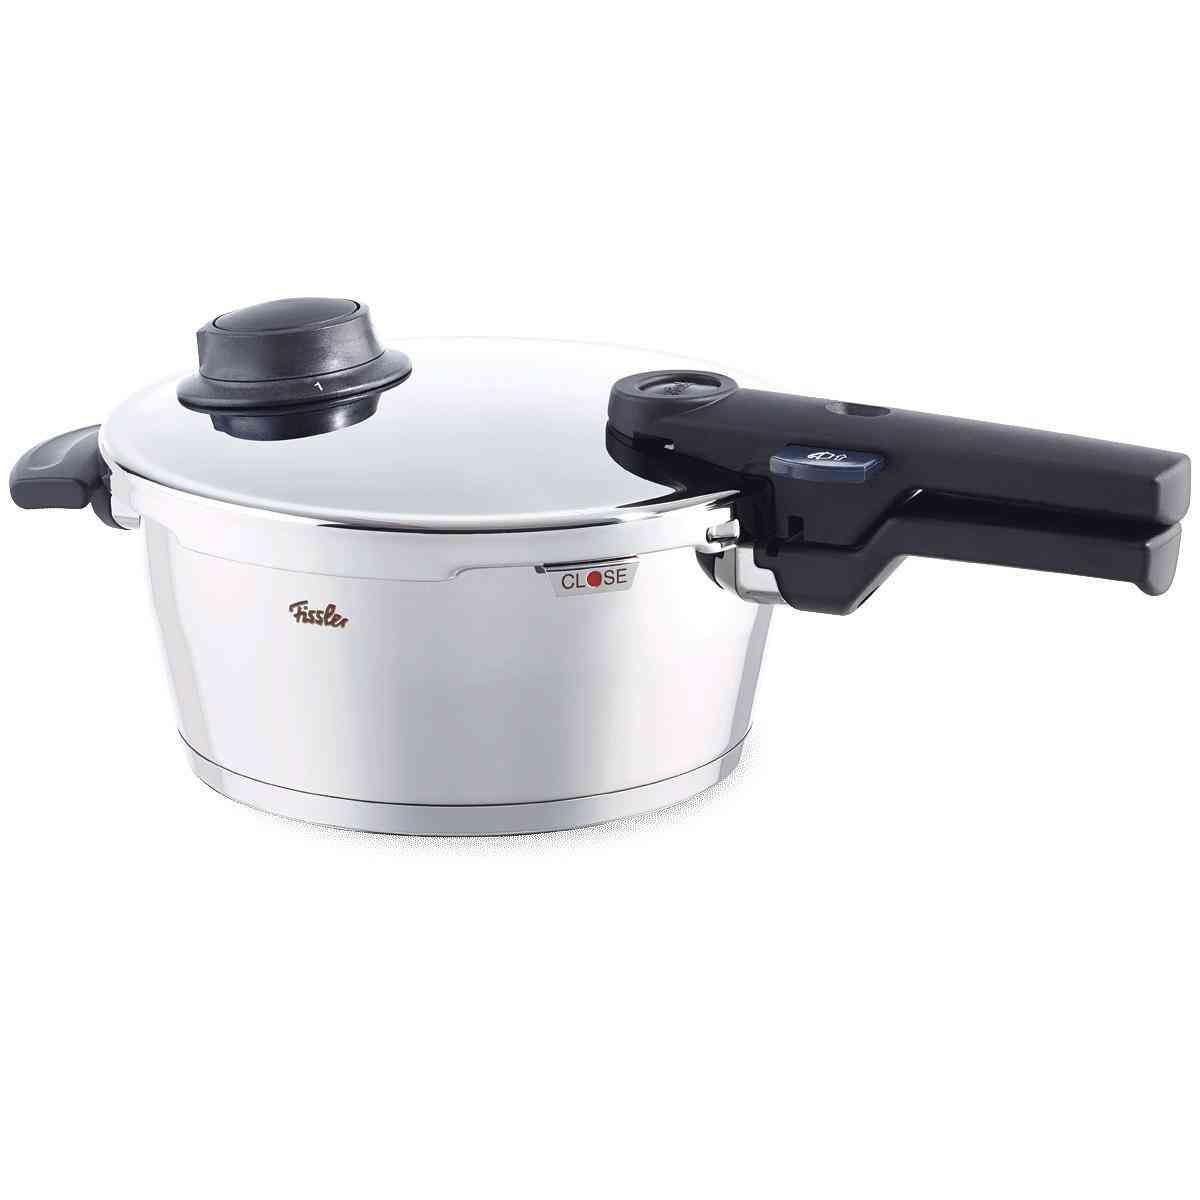 vitavit® comfort Schnellkochtopf 22 cm / 3,5 Liter ohne Einsatz